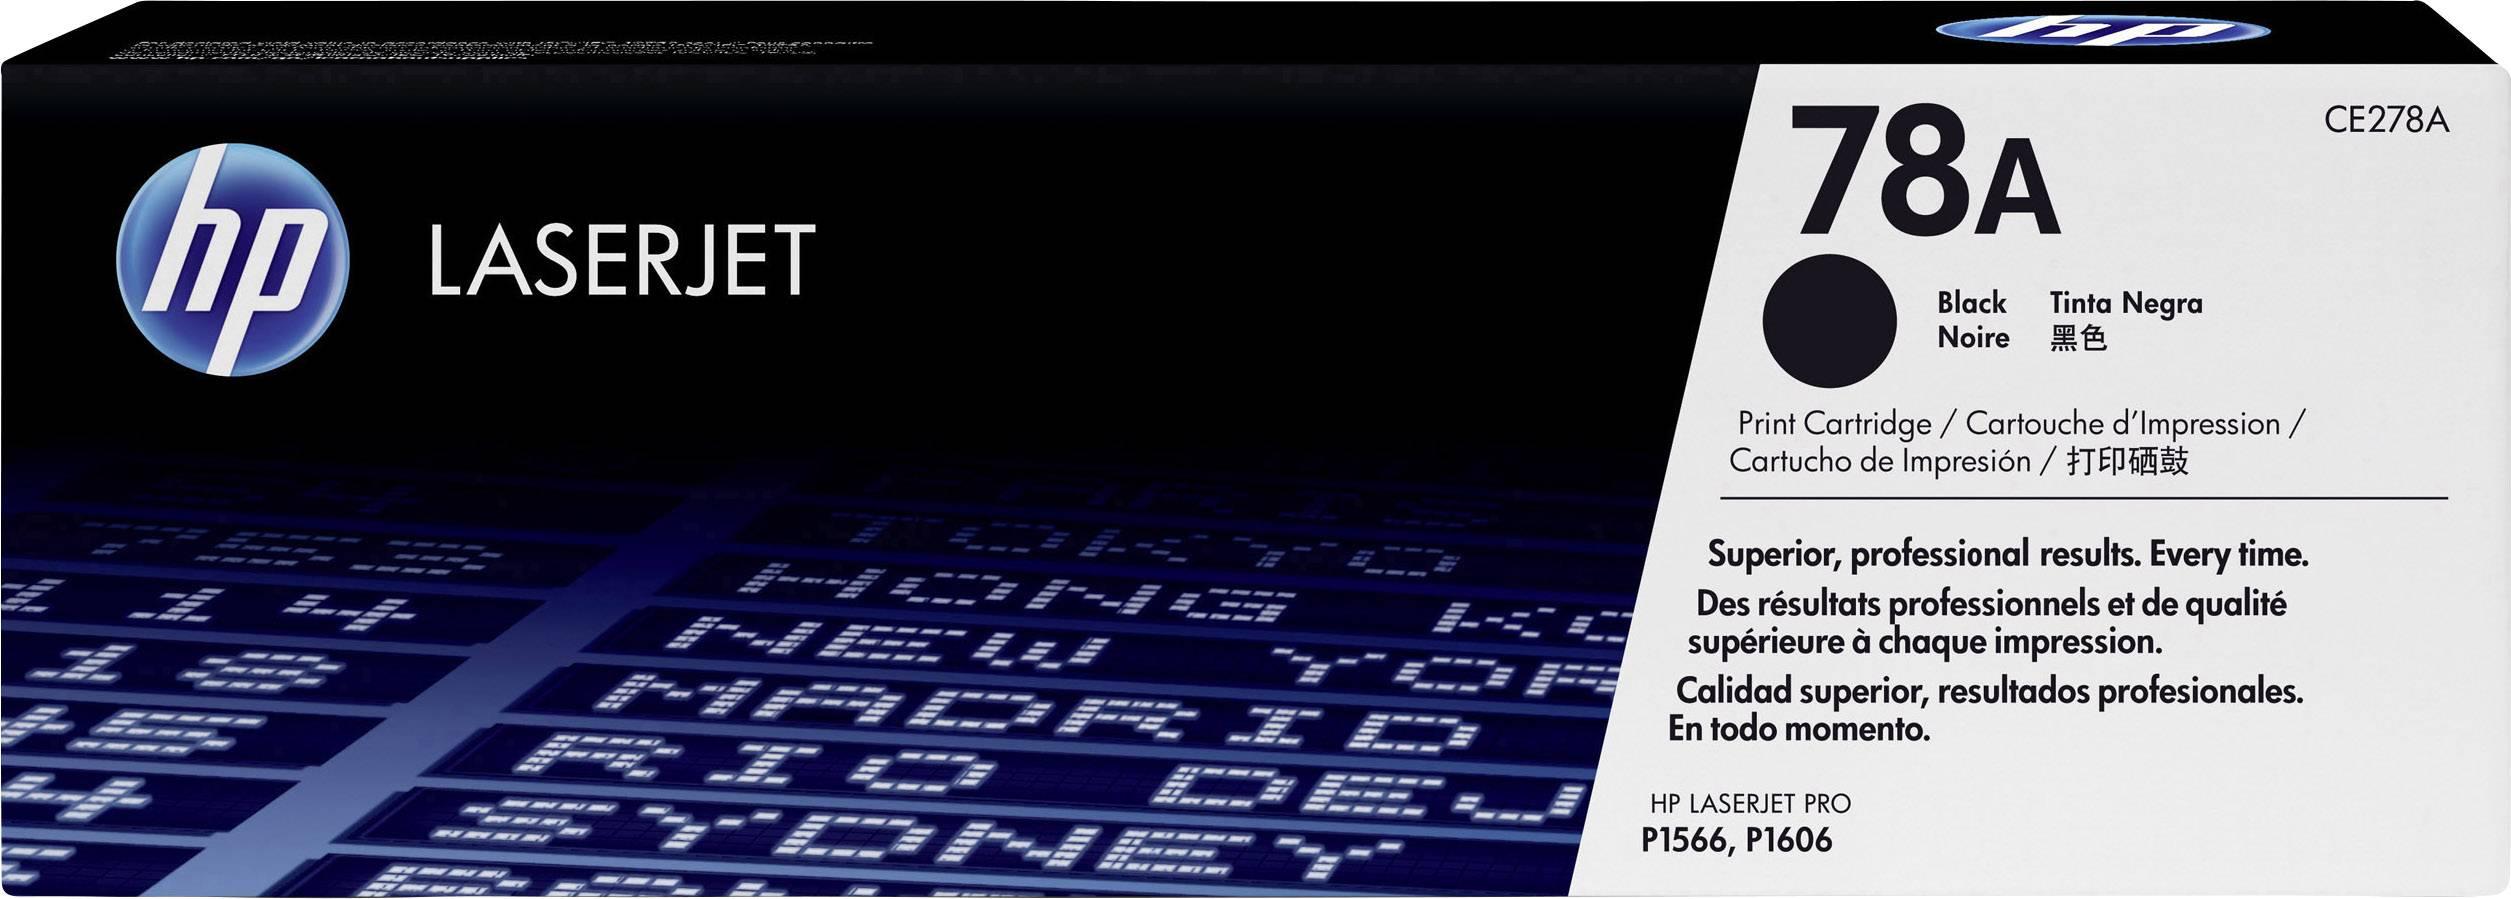 2 Negro NoahArk Compatible CE278A 78A Cartucho de t/óner Reemplazo para HP Laserjet P1606DN Toner Canon i-Sensys LBP6230DW LBP6200D P1566 M1536 MFP M1536DNF P1560 P1606 Canon LBP6200dw LBP6230d